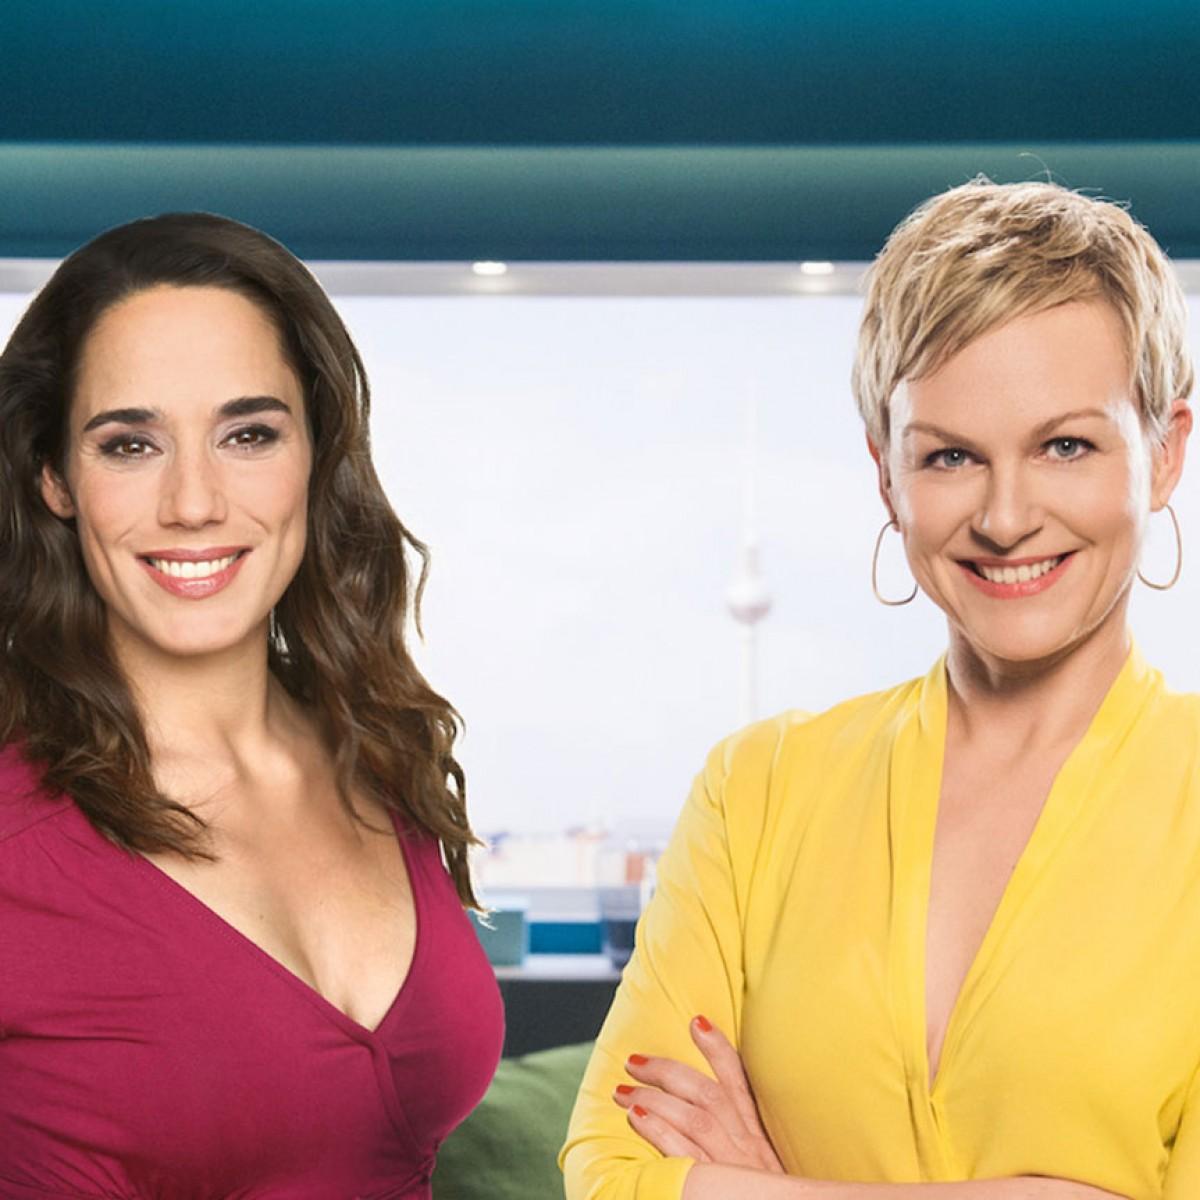 Sat1 Frühstücksfernsehen Heute : Endlich Vormittag Sat 1